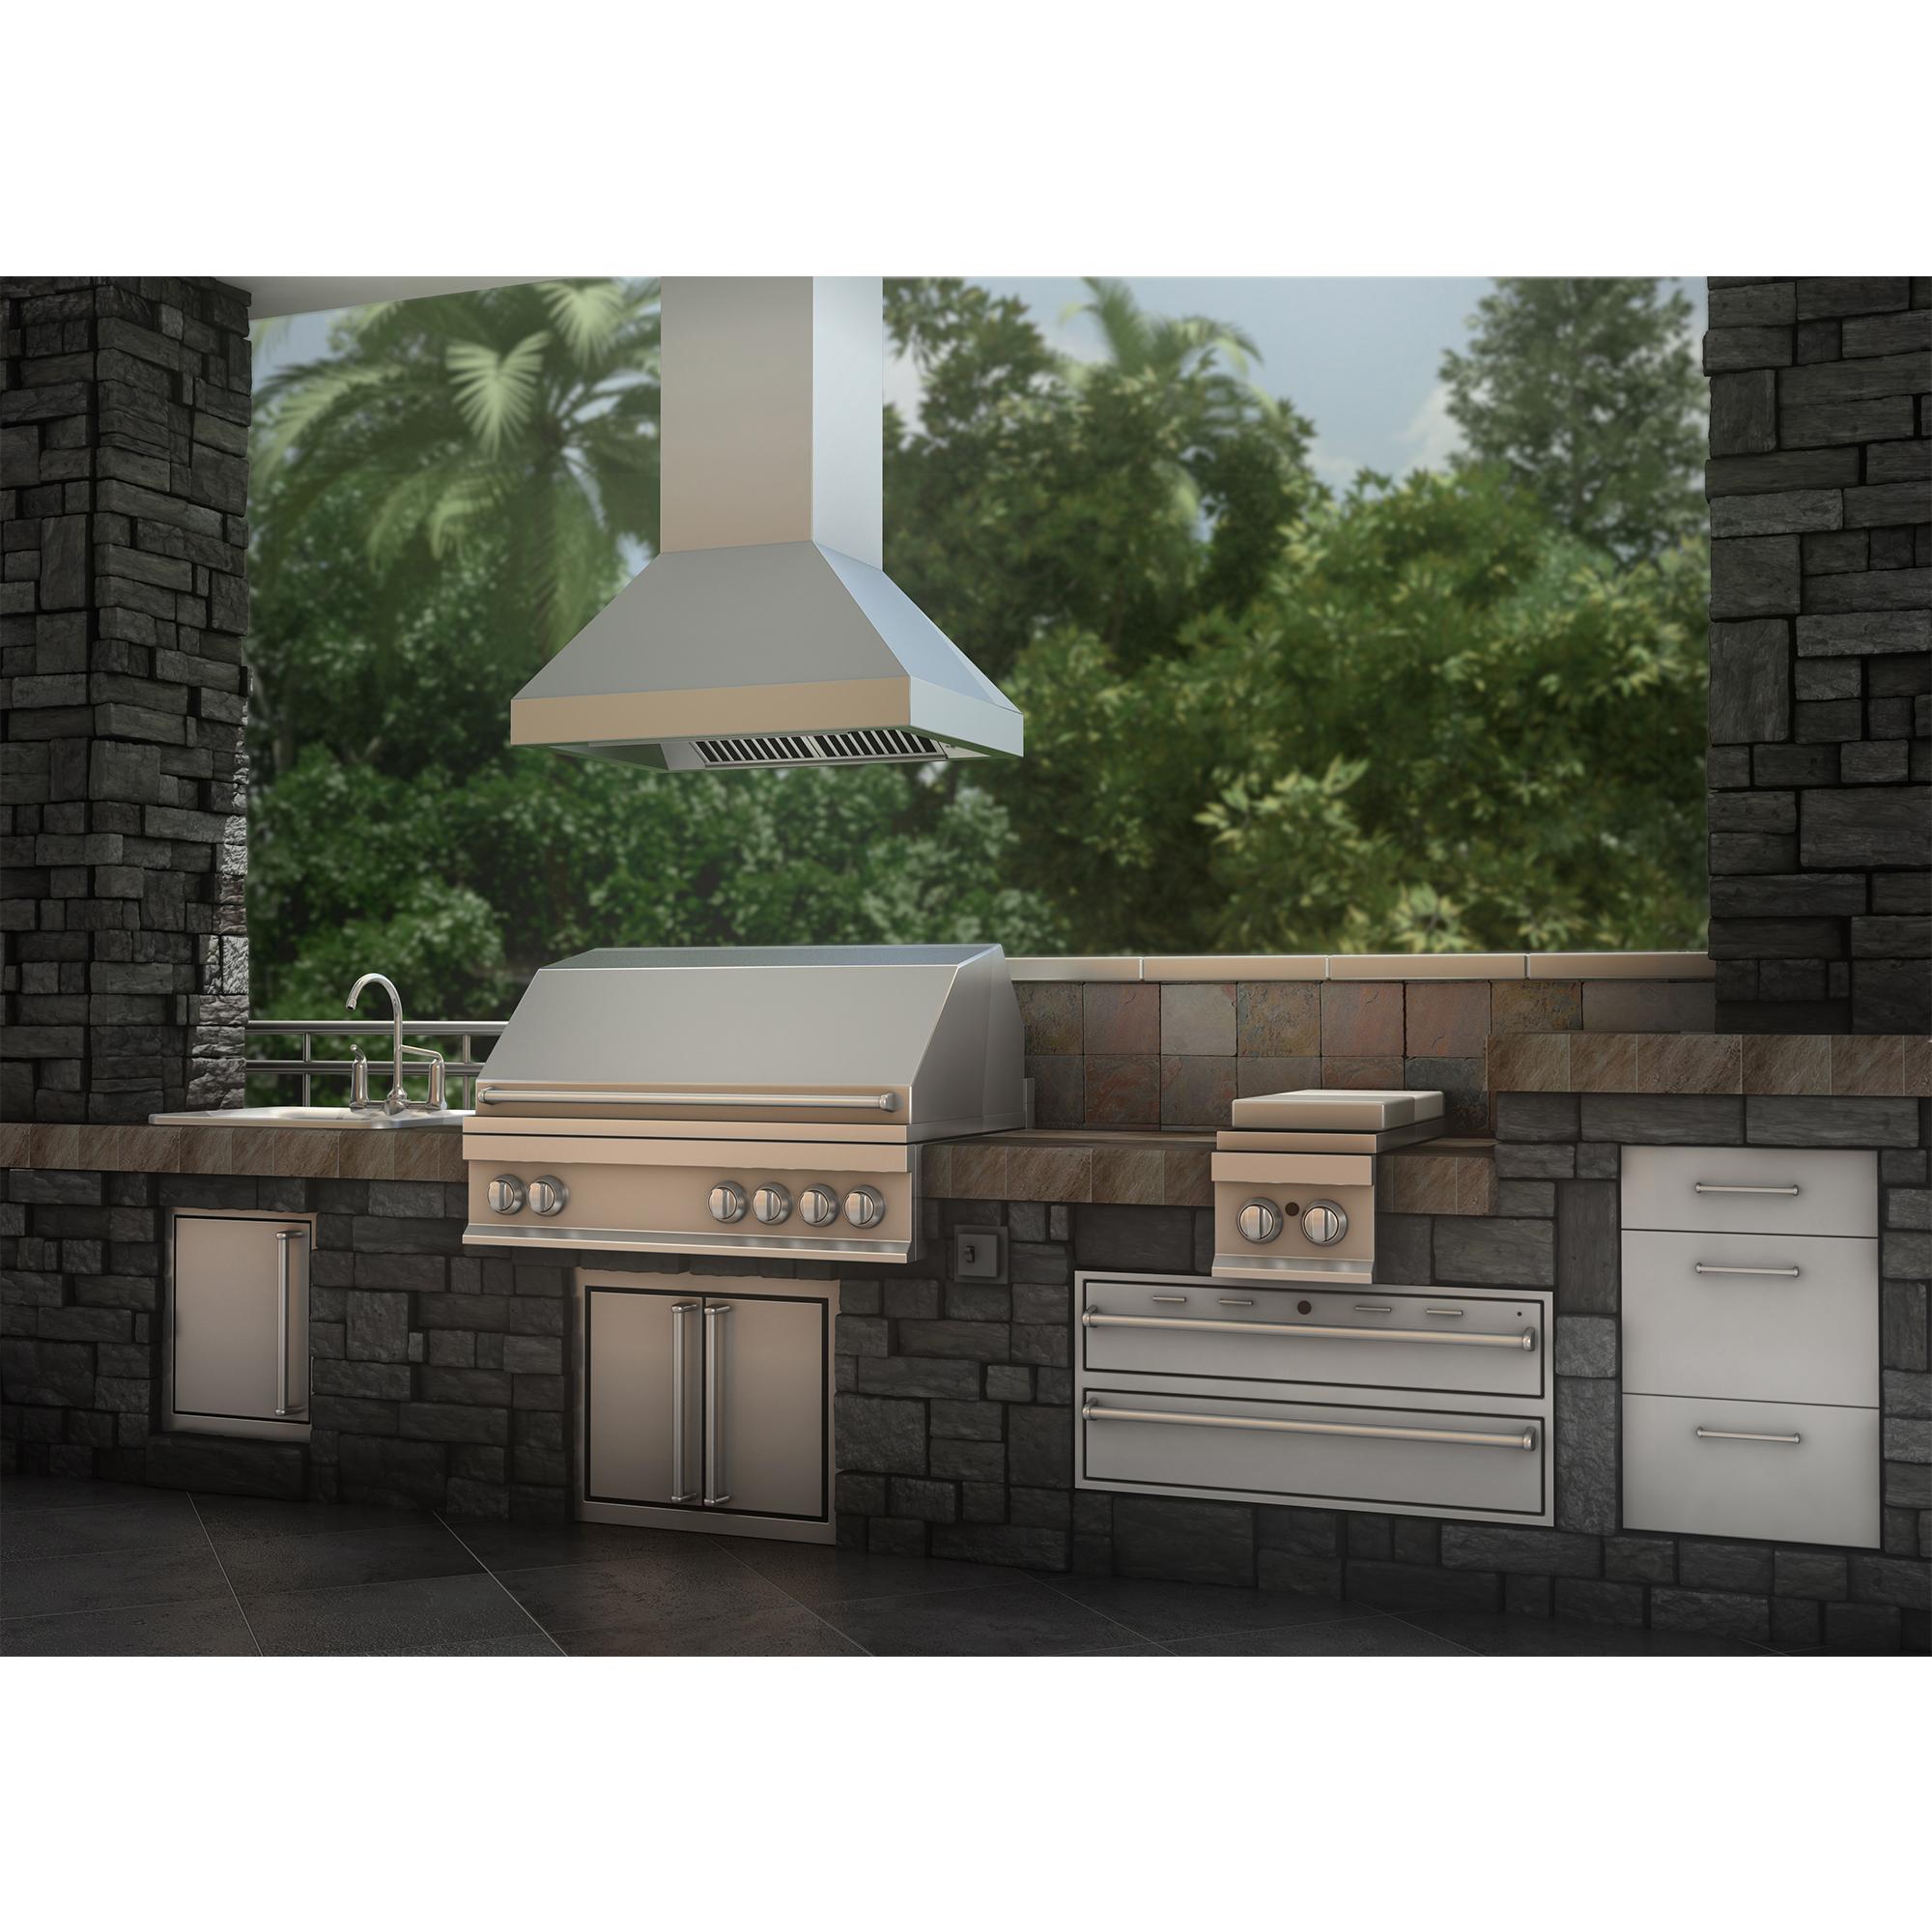 zline-stainless-steel-island-range-hood-597i-kitchen-outdoor-1.jpg